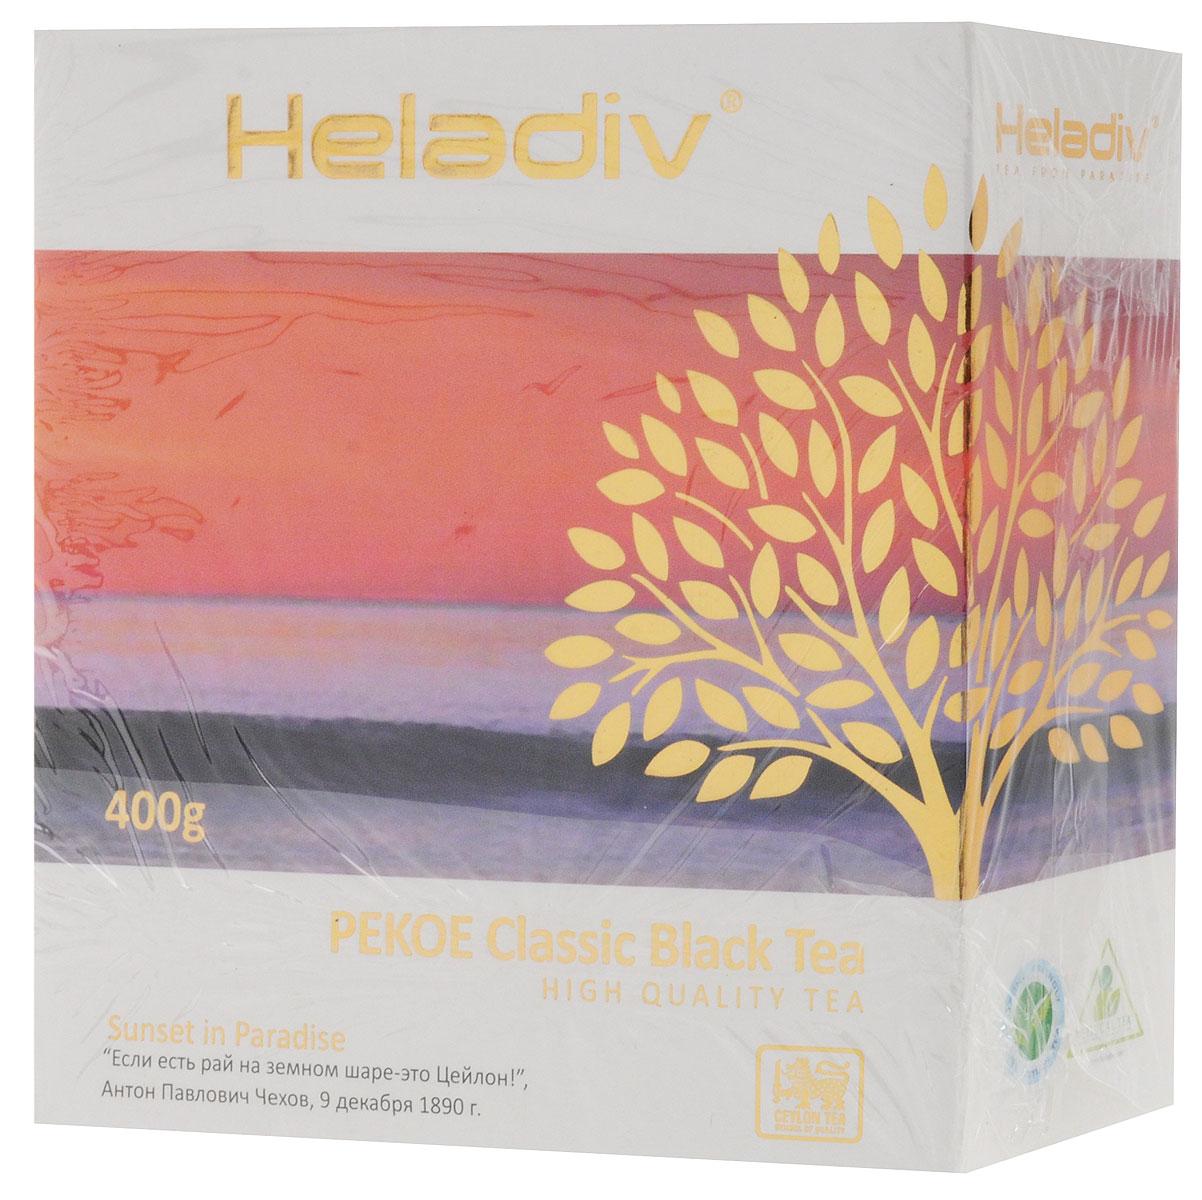 Heladiv Pekoe чай черный листовой, 400 г4791007010715Heladiv Pekoe - крепкий тонизирующий чай ПЕКО из молодых, специально скрученных верхних листьев. Для усиления его тонизирующих свойств отборный крупный лист подвергают специальной обработке. Обладает насыщенным медным прозрачным настоем и слегка терпким вкусом.